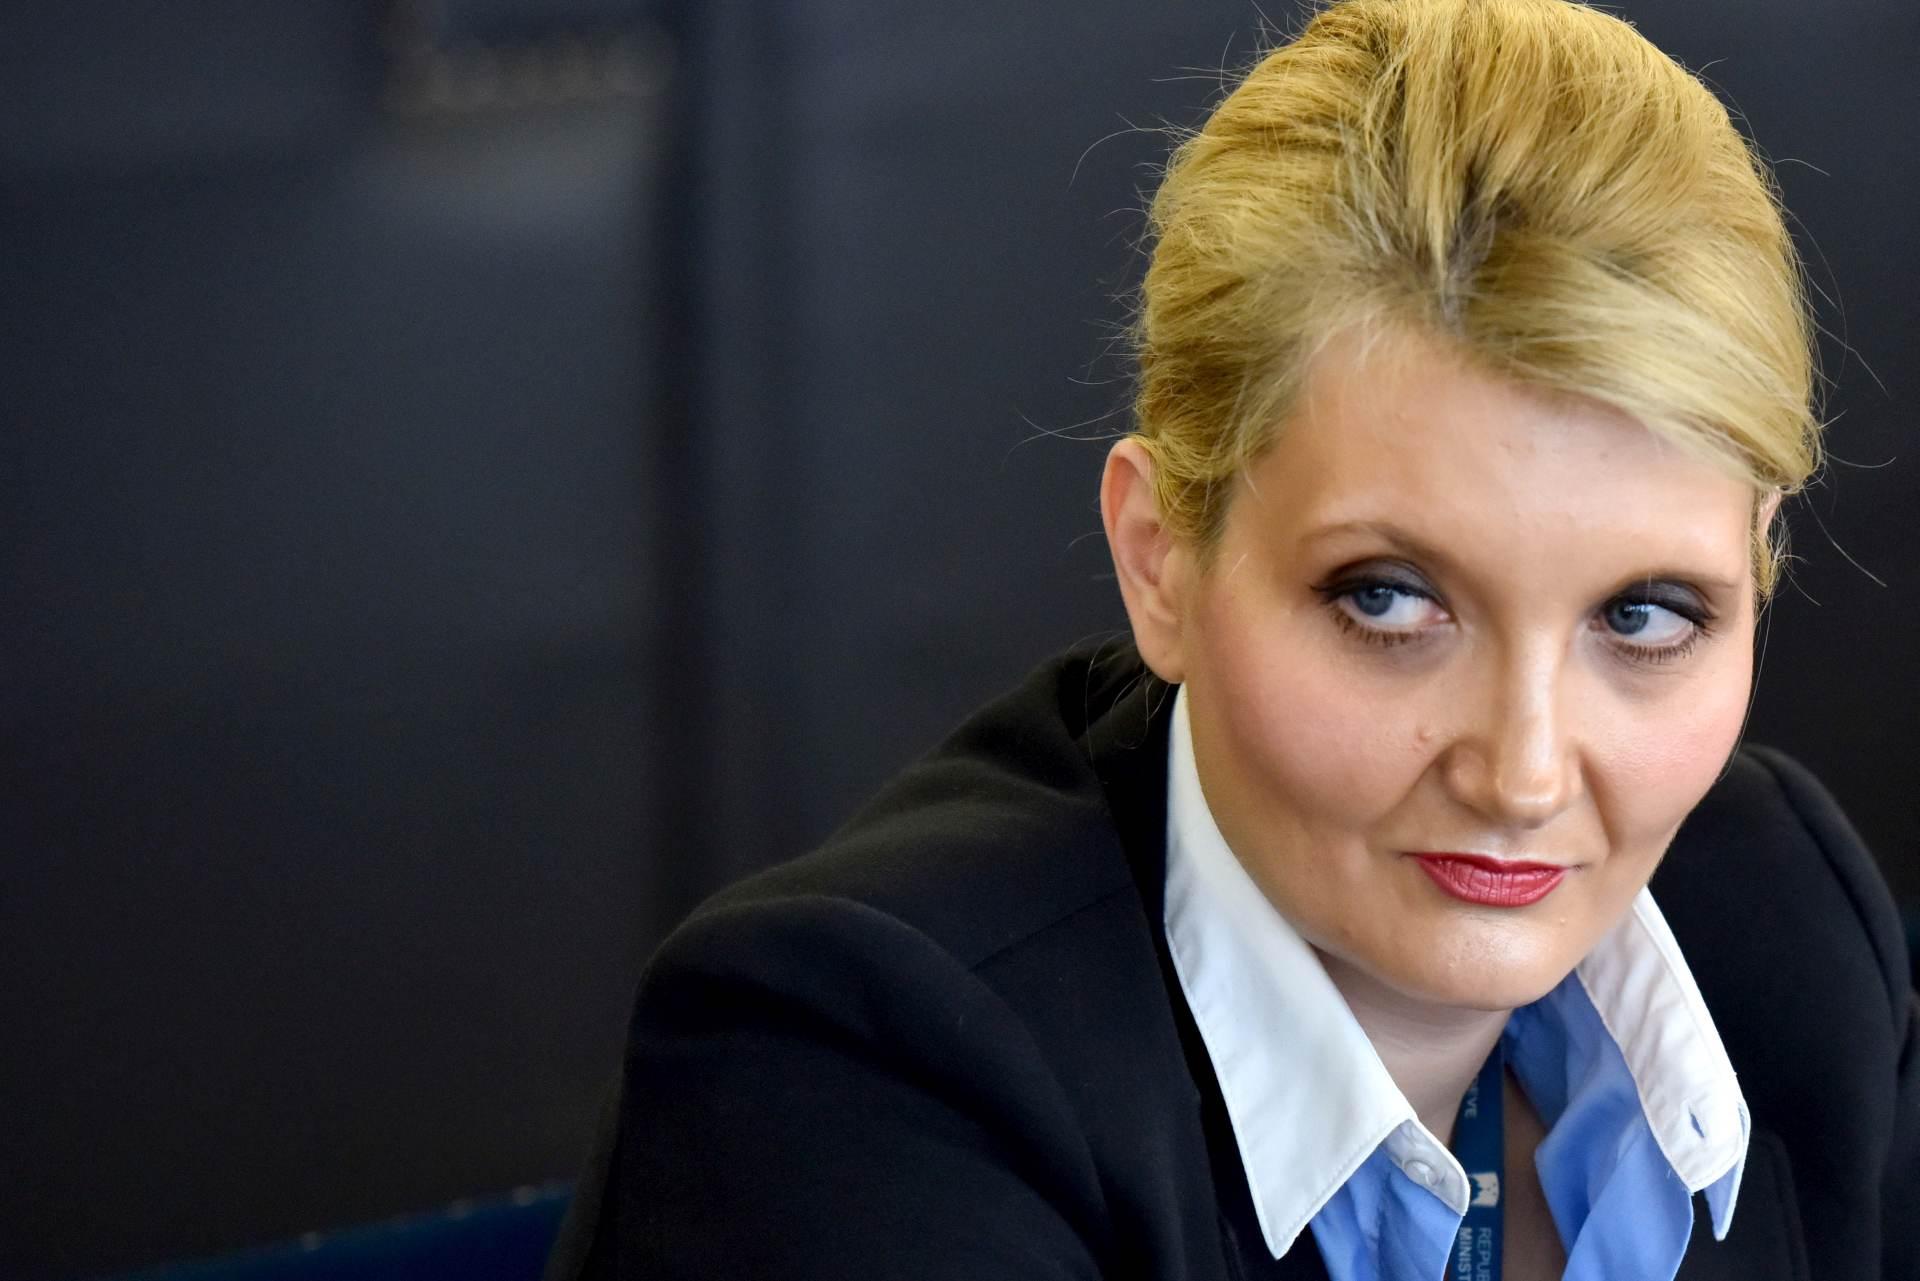 UHIĆENJE BIŠEG KOSKOVSKOG PREMIJERA: Slovenska opoba pokrenula postupak protiv ministrice unutarnjih poslova